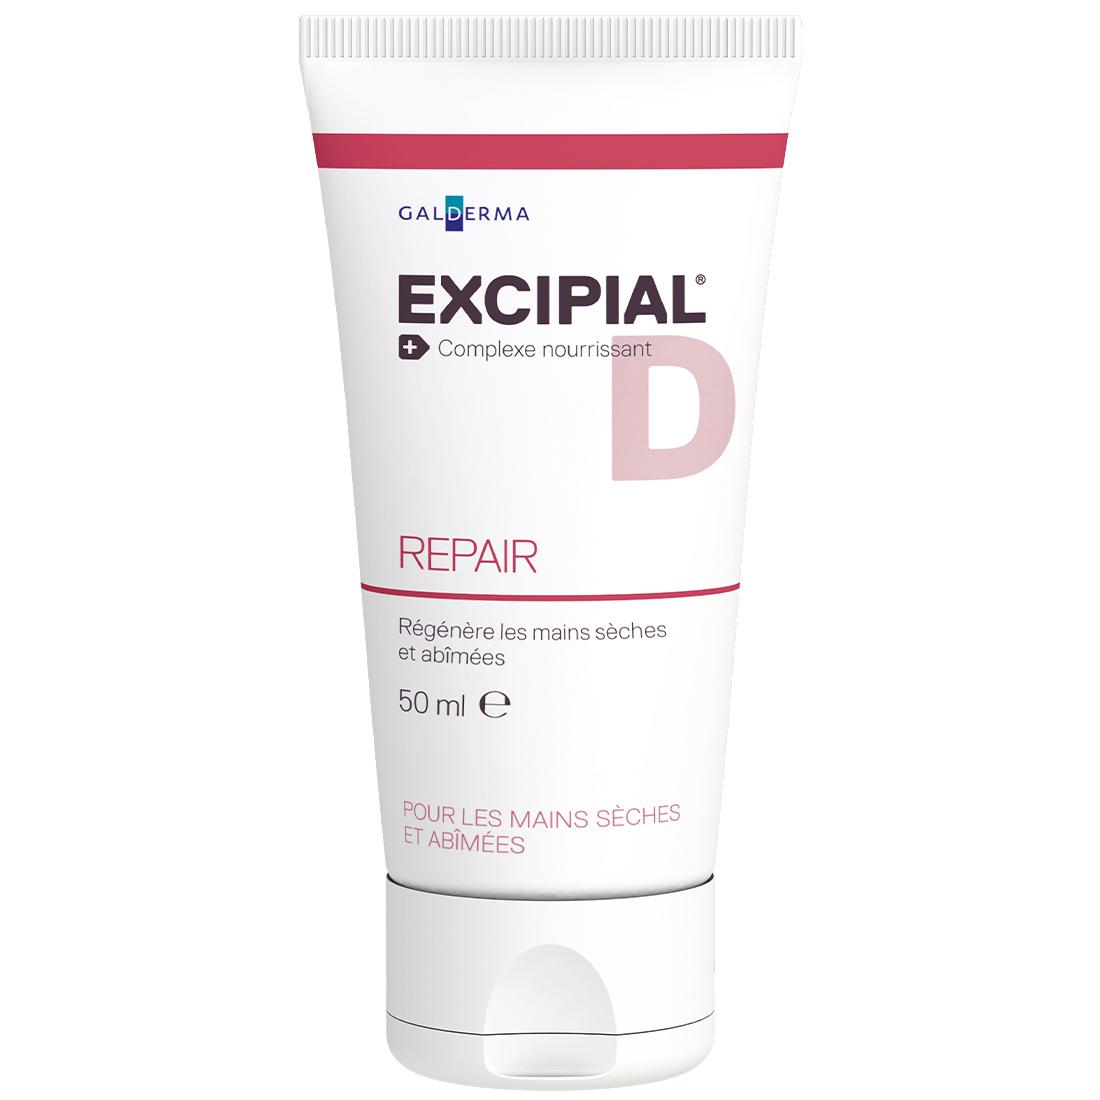 excipial__0001s_0002_F_39L_EXC_REPAIR_50ml